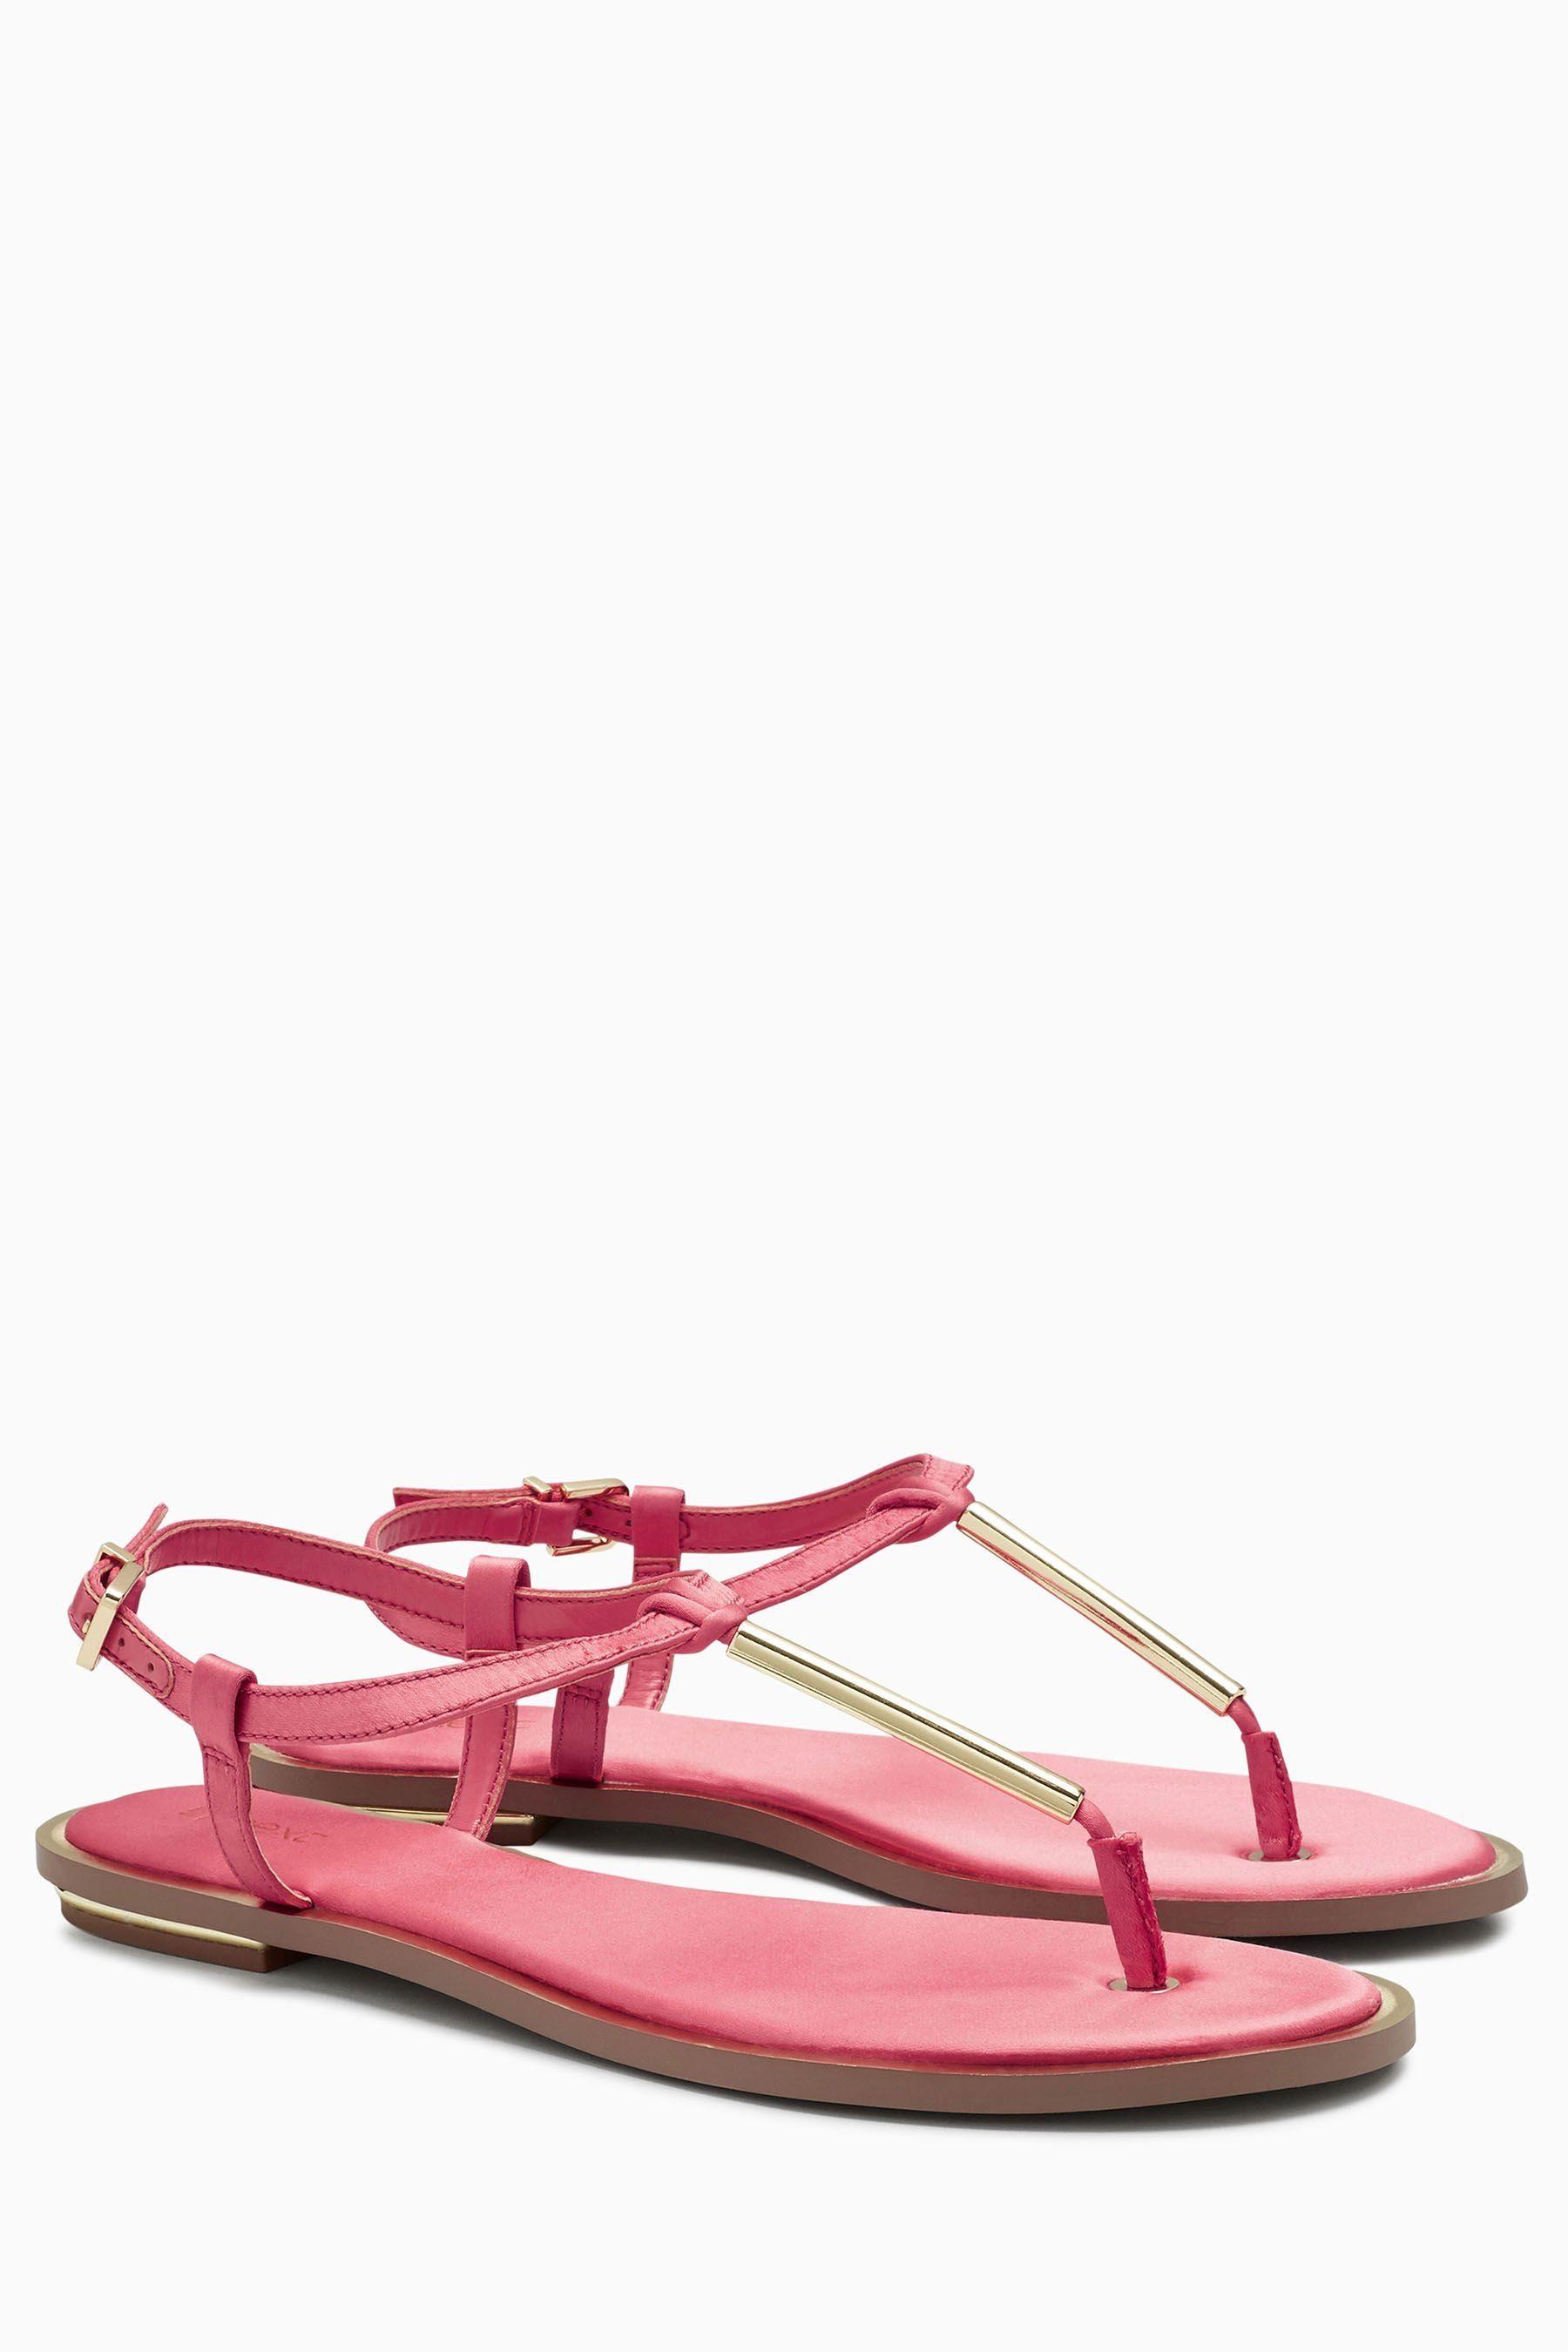 Next Sandalette mit T-Steg aus Satin online kaufen  Coral